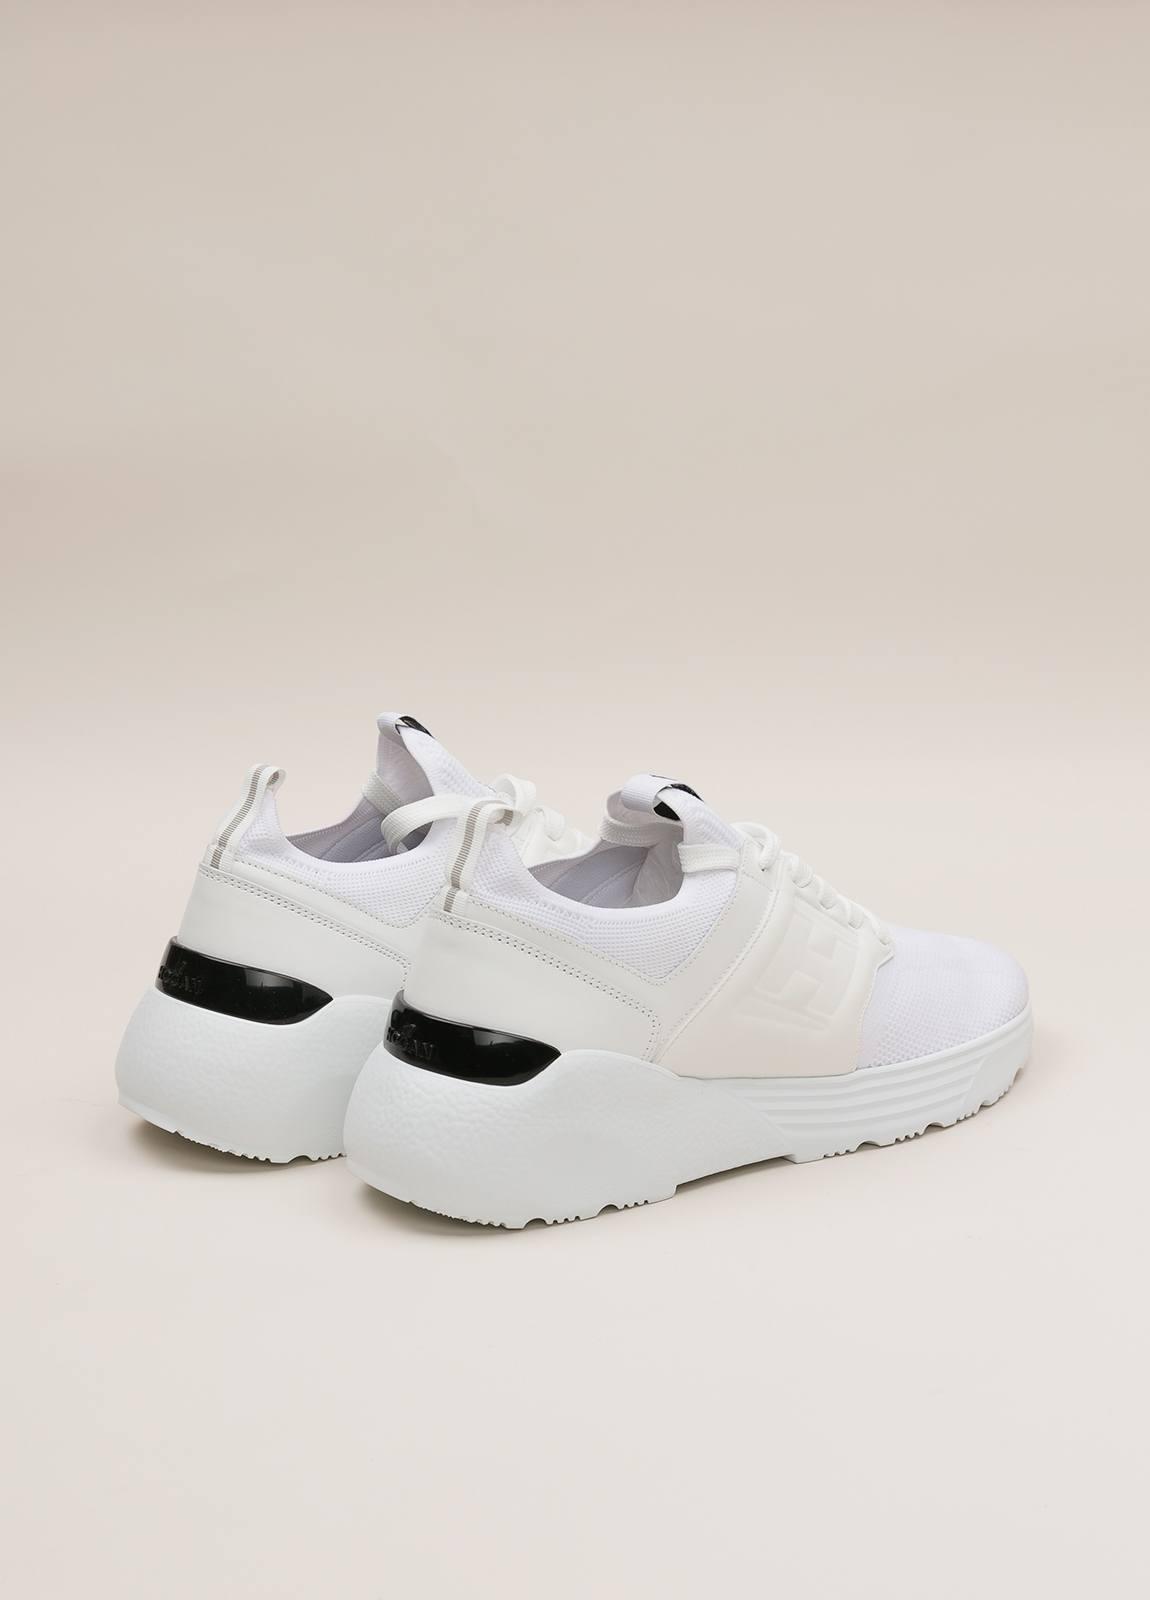 Zapatillas deportivas HOGAN blanco - Ítem1